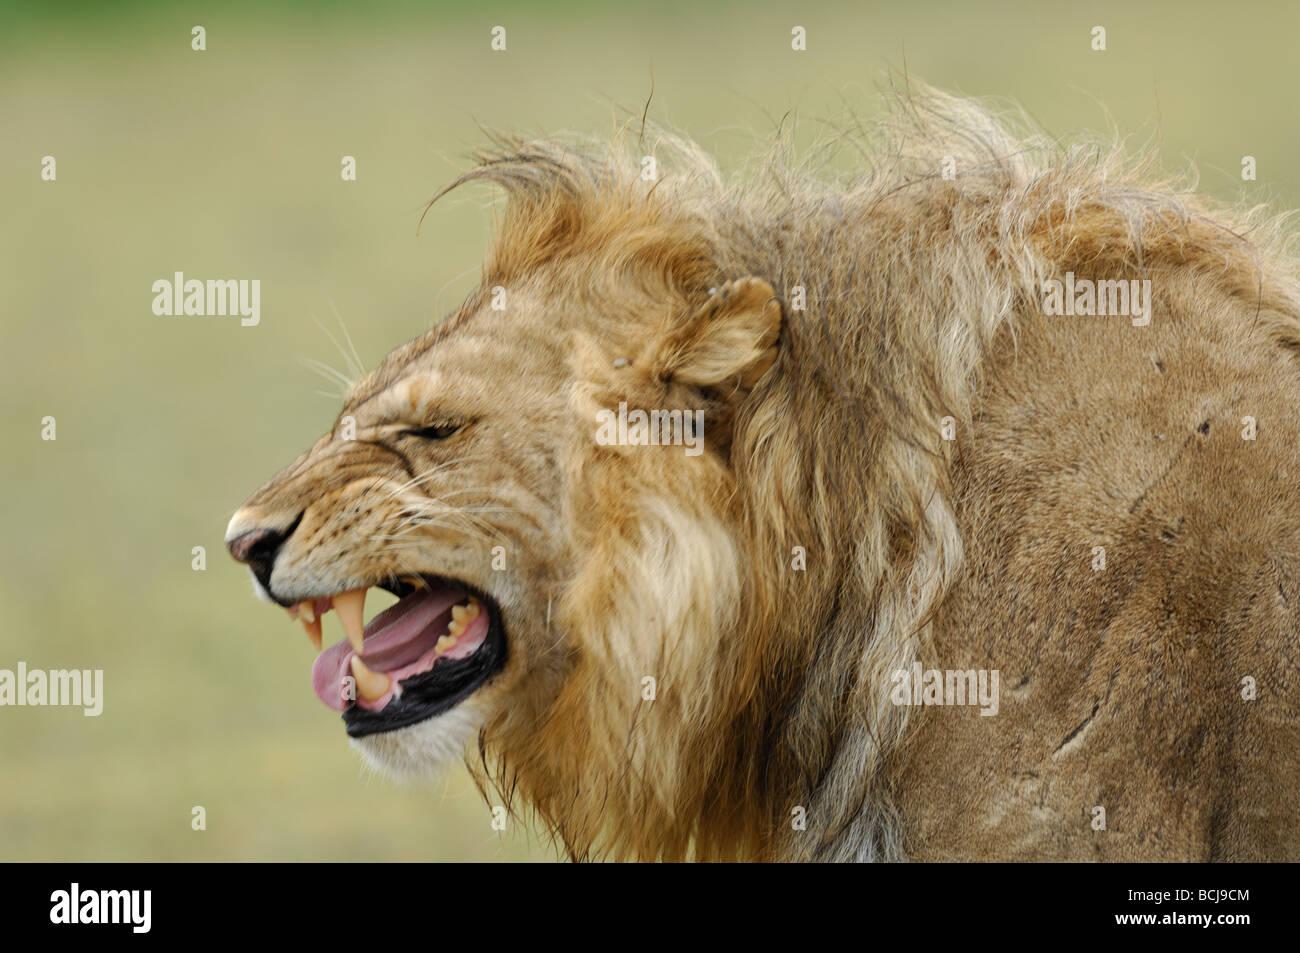 Lion displaying breeding grimace, Ndutu, Tanzania, February, 2009. - Stock Image